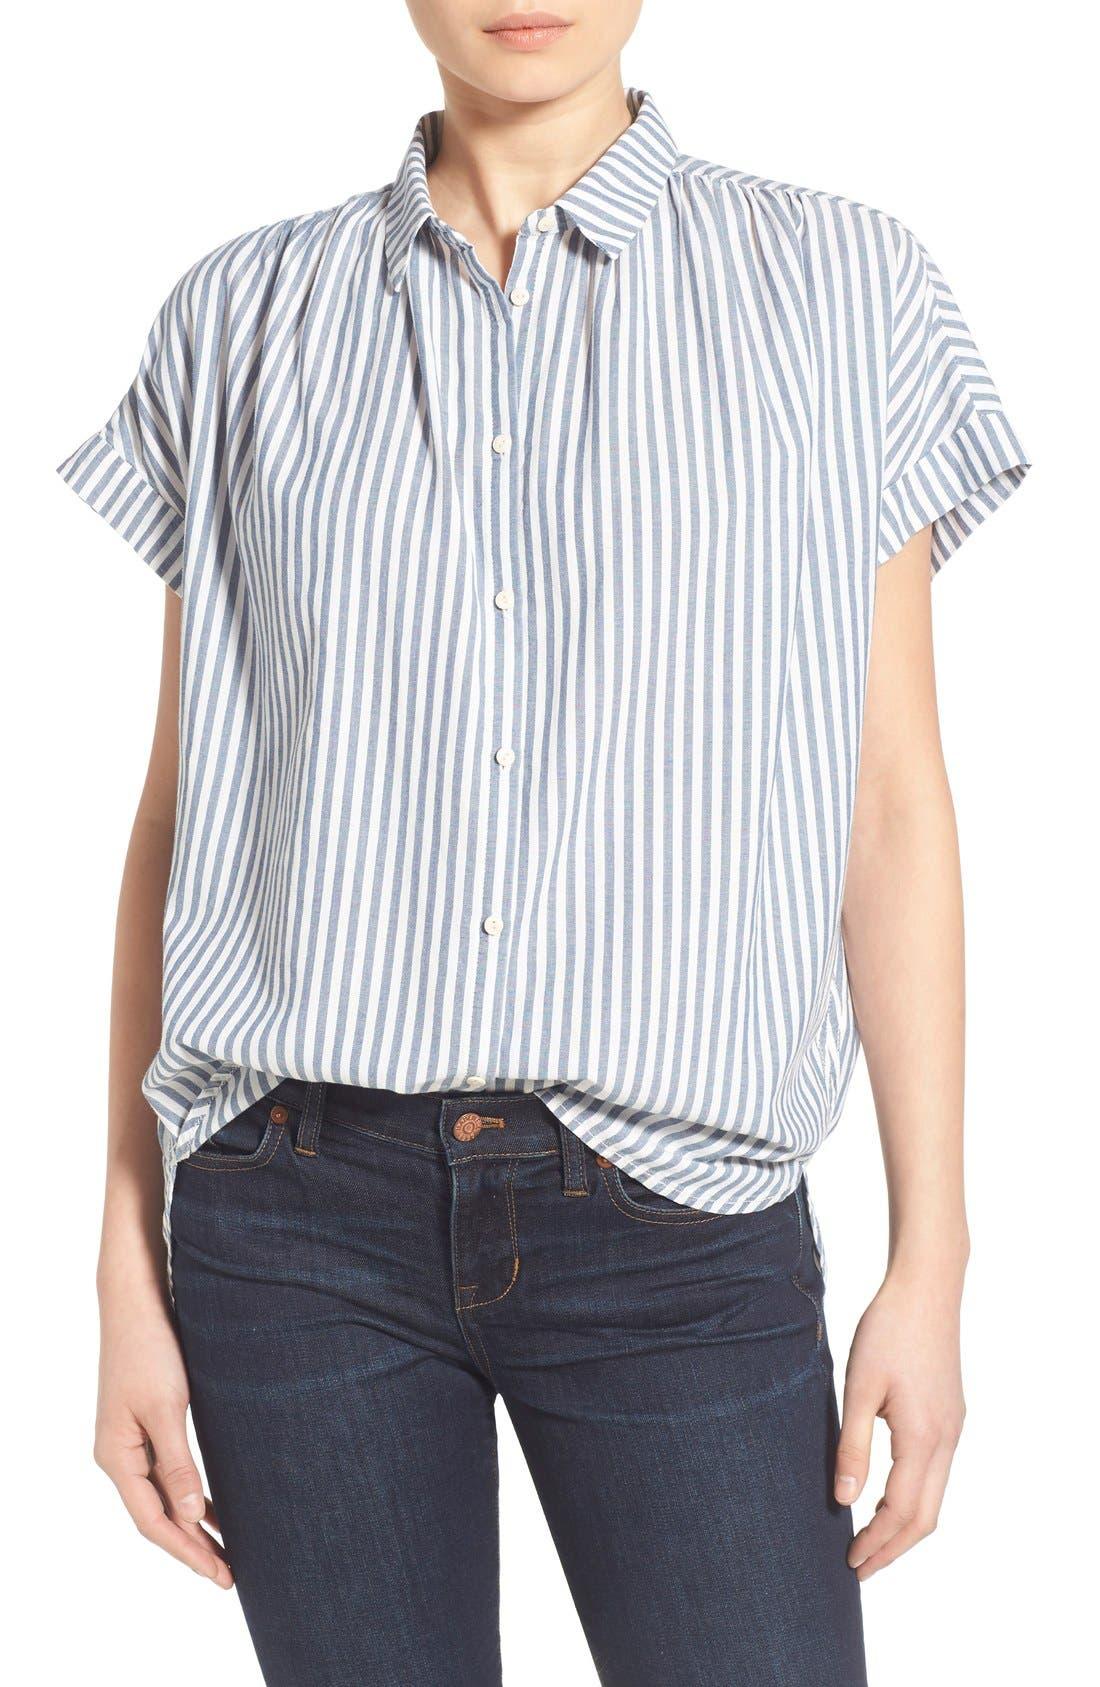 'Central' Stripe Cotton Shirt,                             Main thumbnail 1, color,                             495